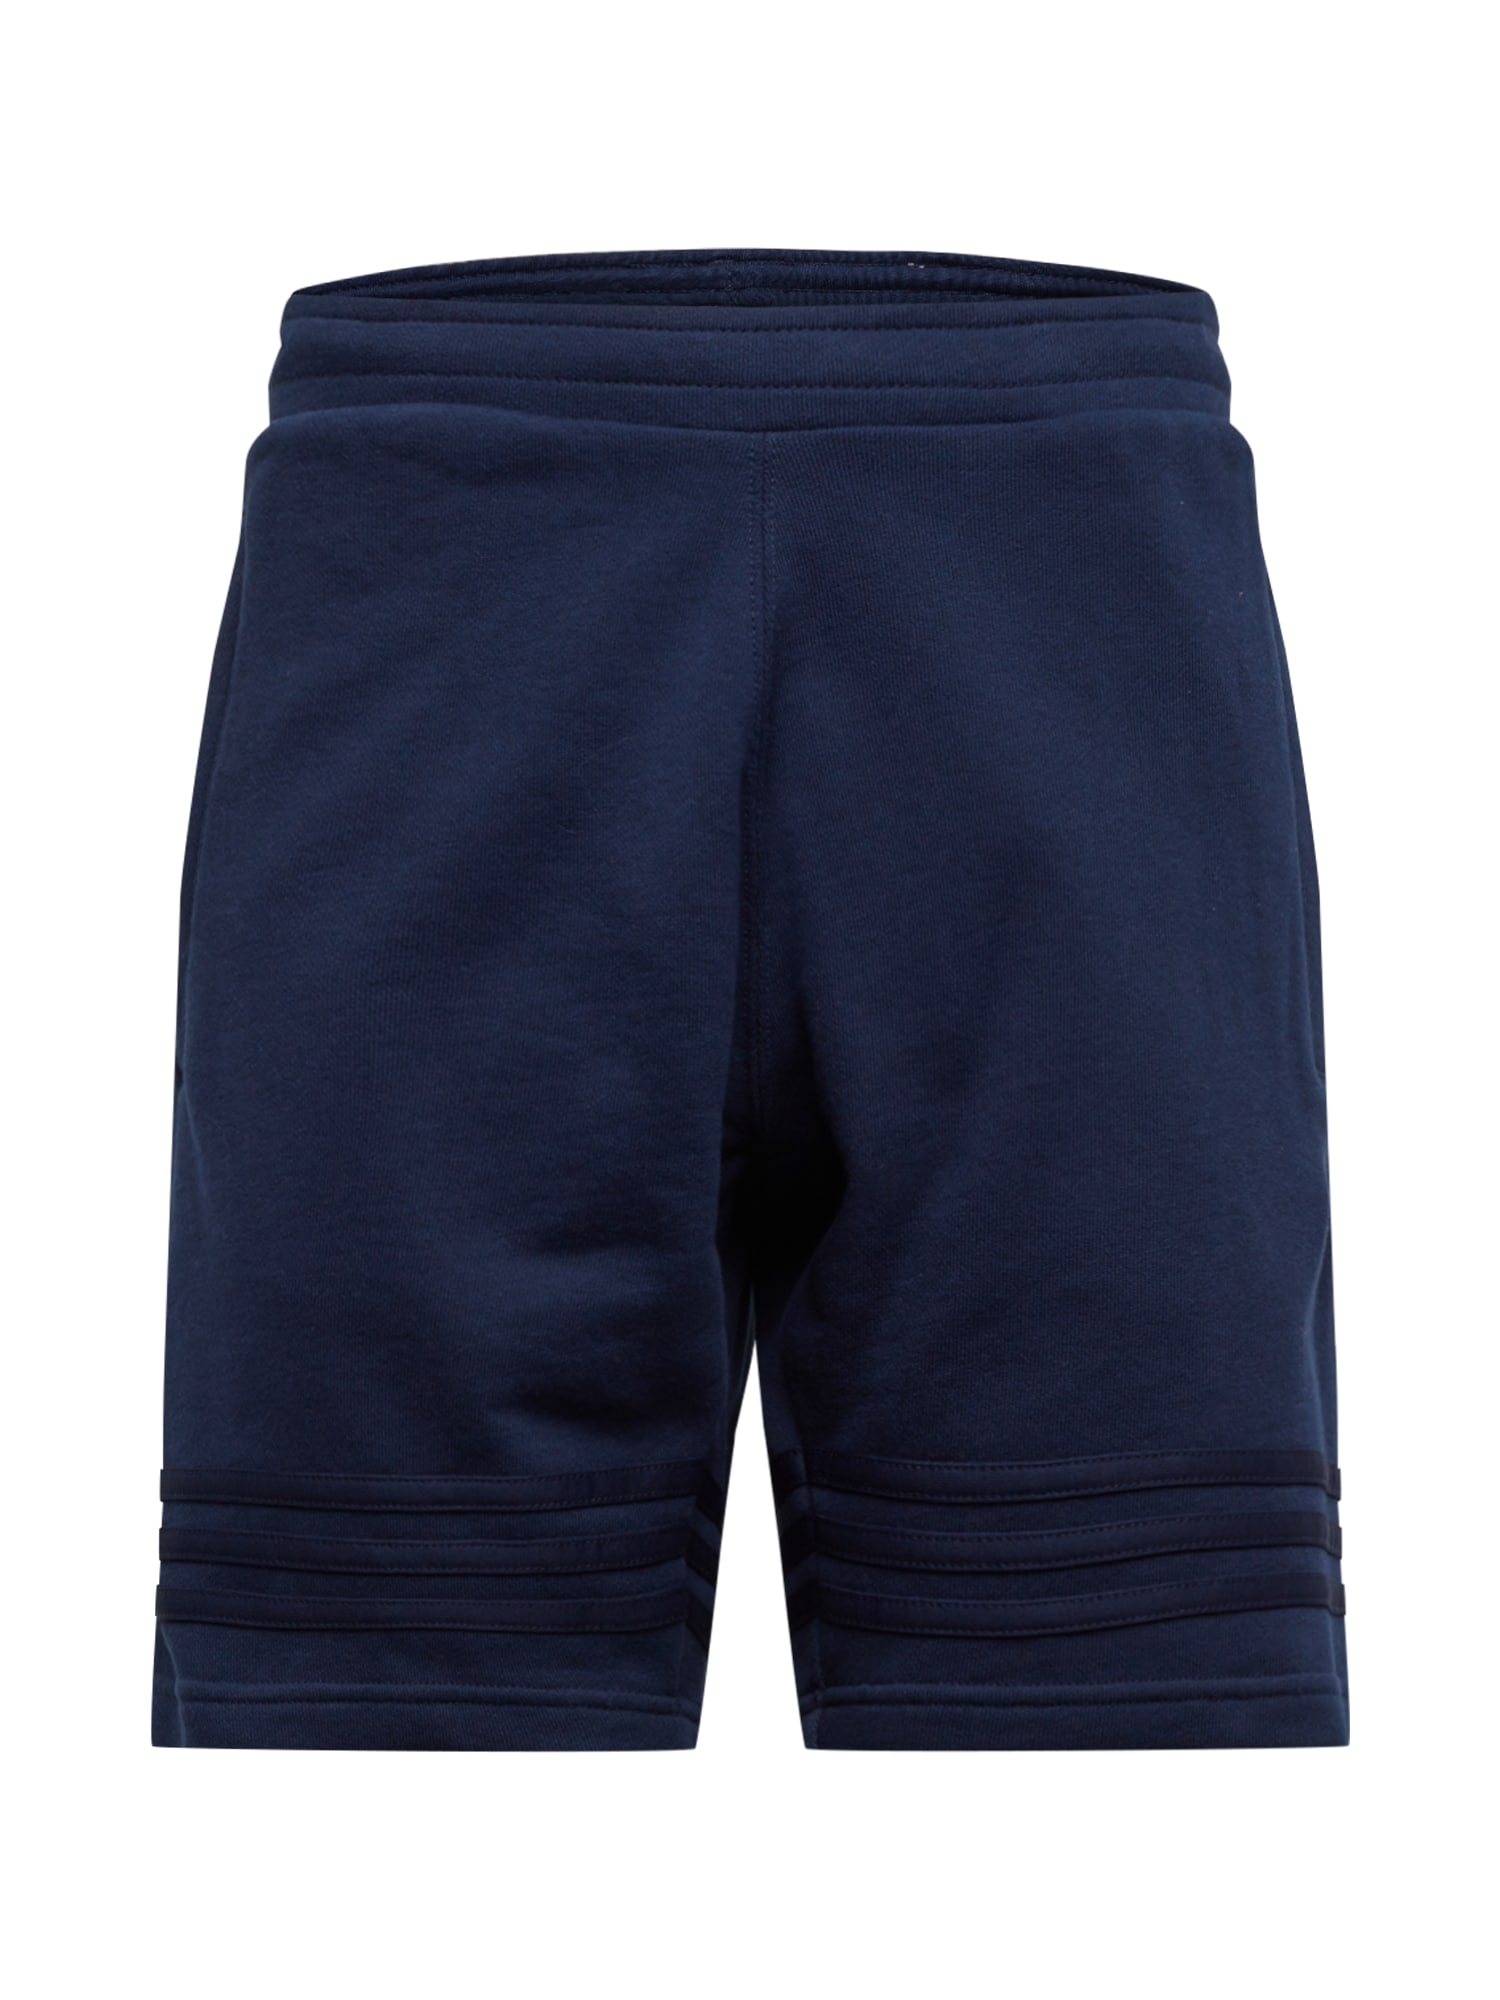 ADIDAS ORIGINALS Kelnės 'OUTLINE SHORT S' tamsiai mėlyna